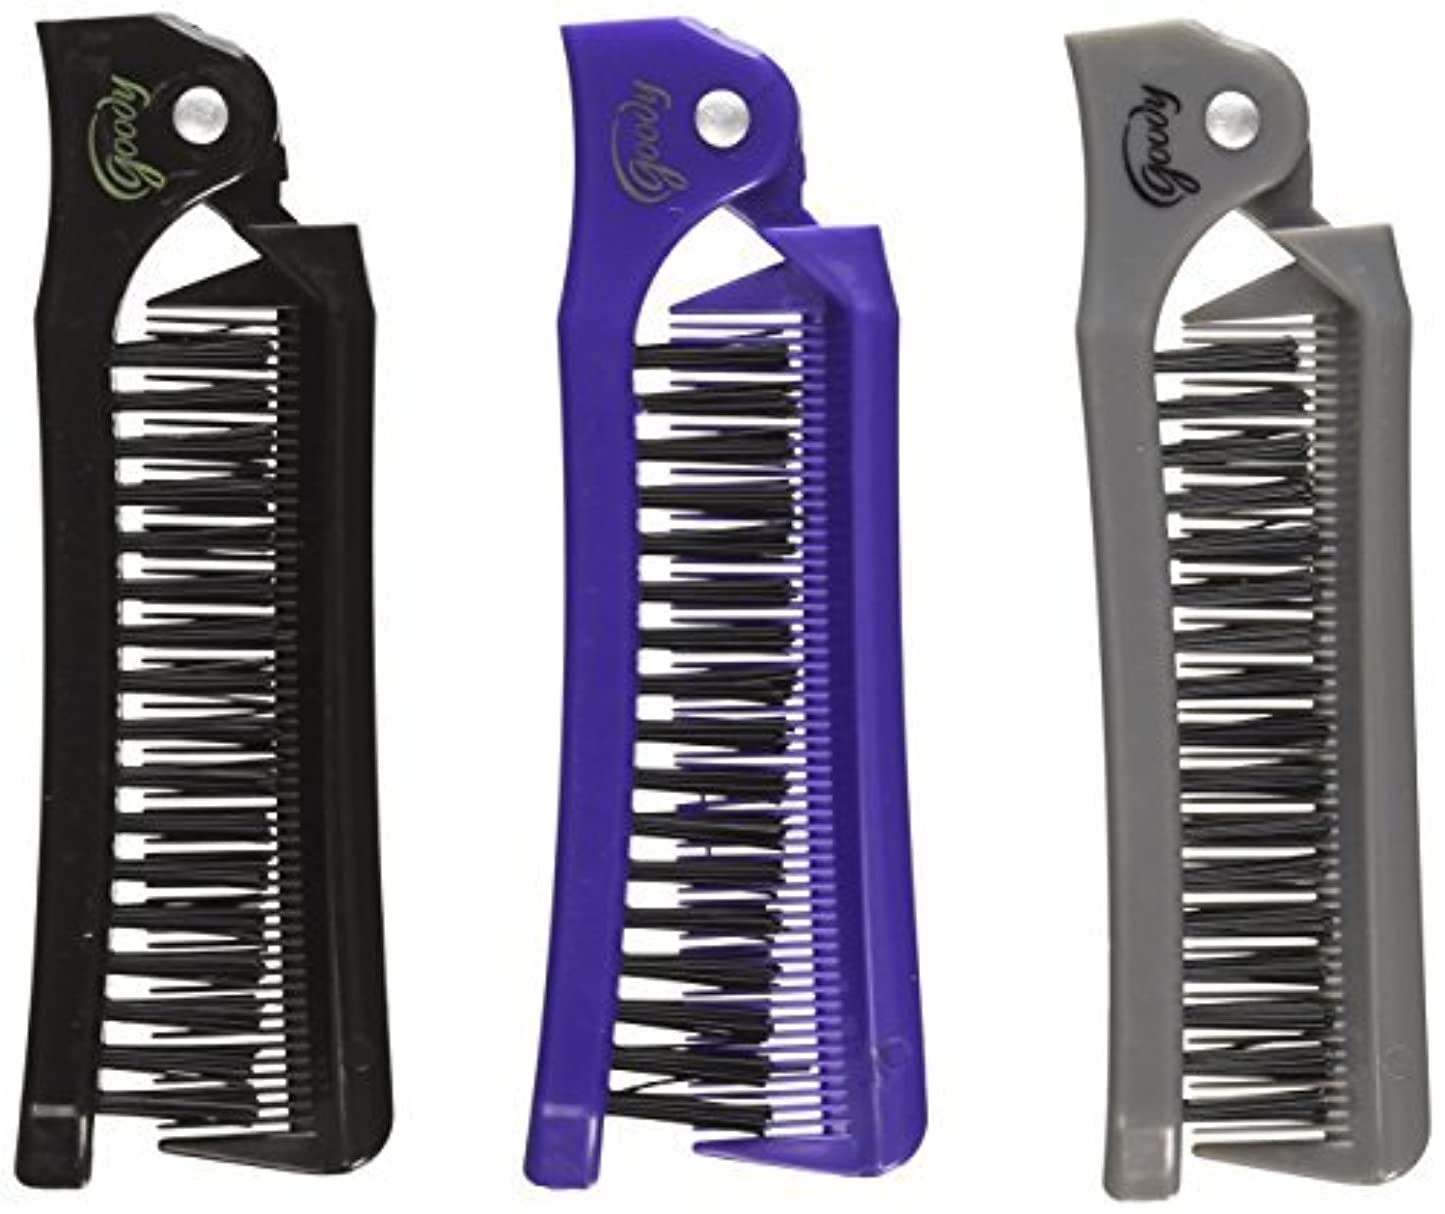 クレア飢饉ほのかGoody Style On The Go Folding Brush & Comb, Colors May Vary 1 ea (Pack of 3) [並行輸入品]